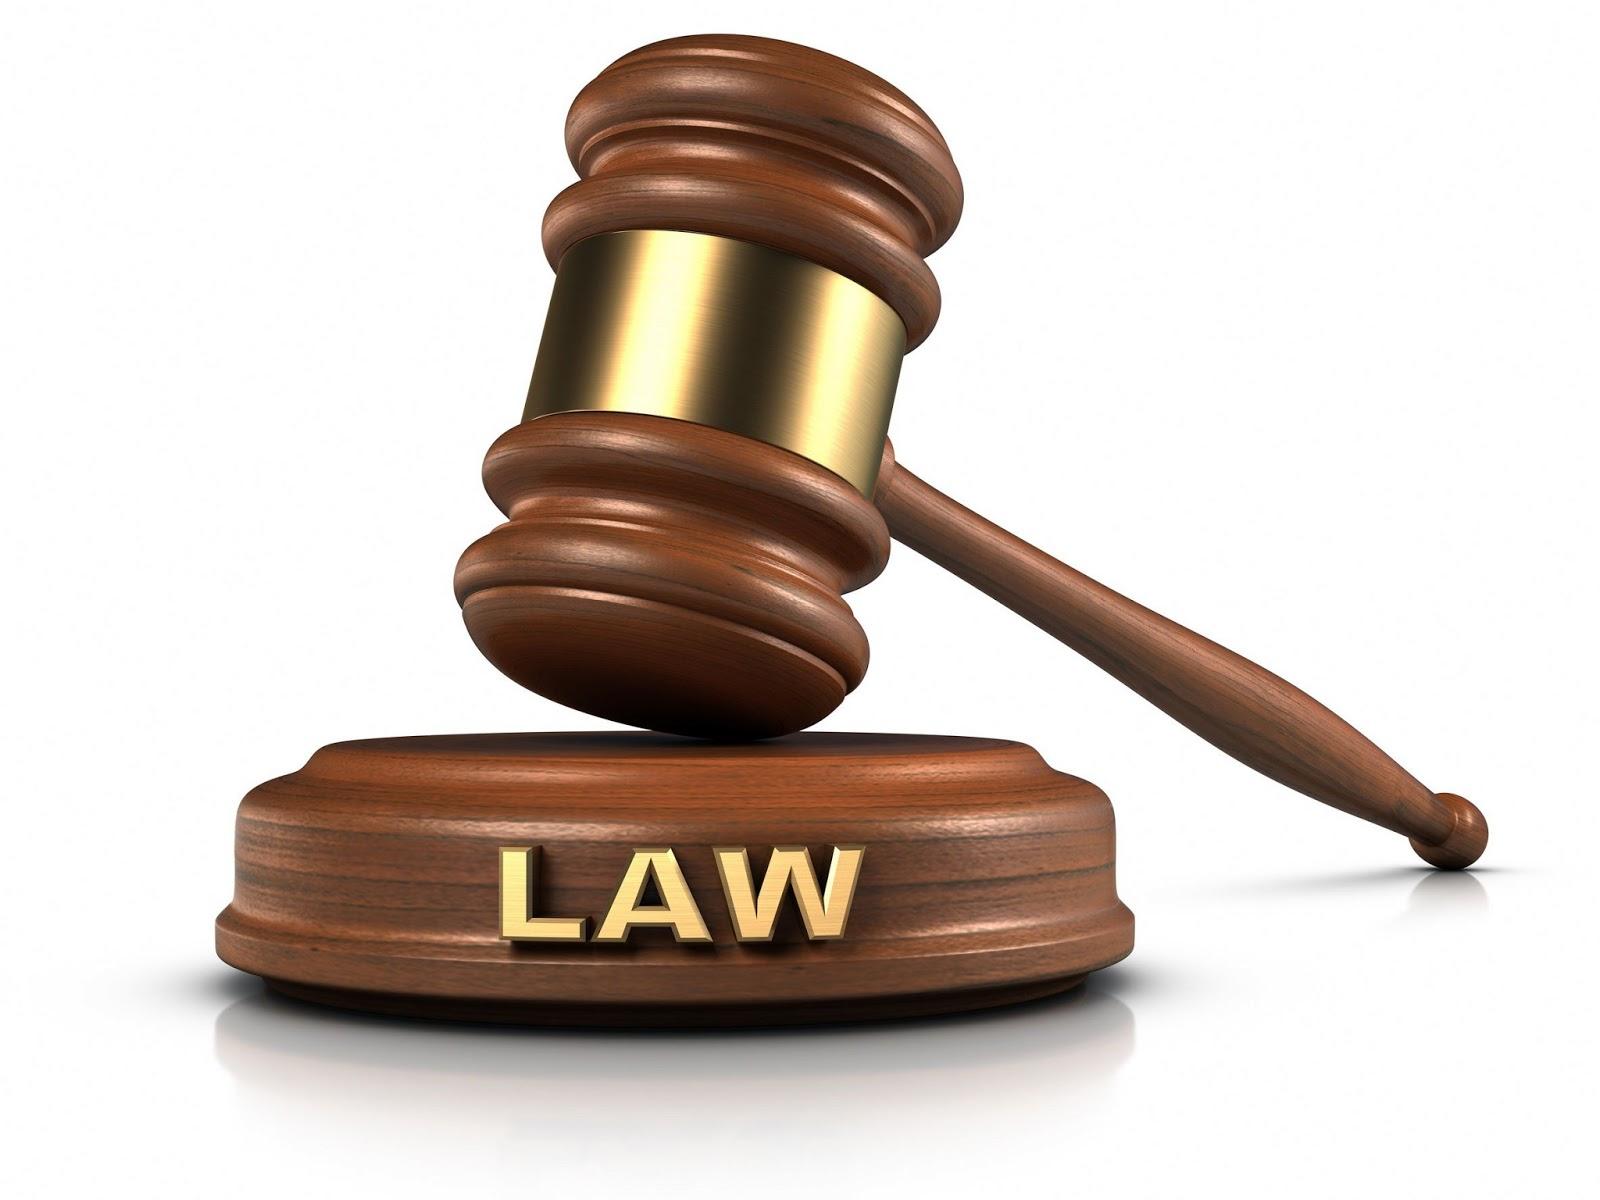 משרד עורכי דין דיני עבודה, פשיטות רגל והוצאה לפועל